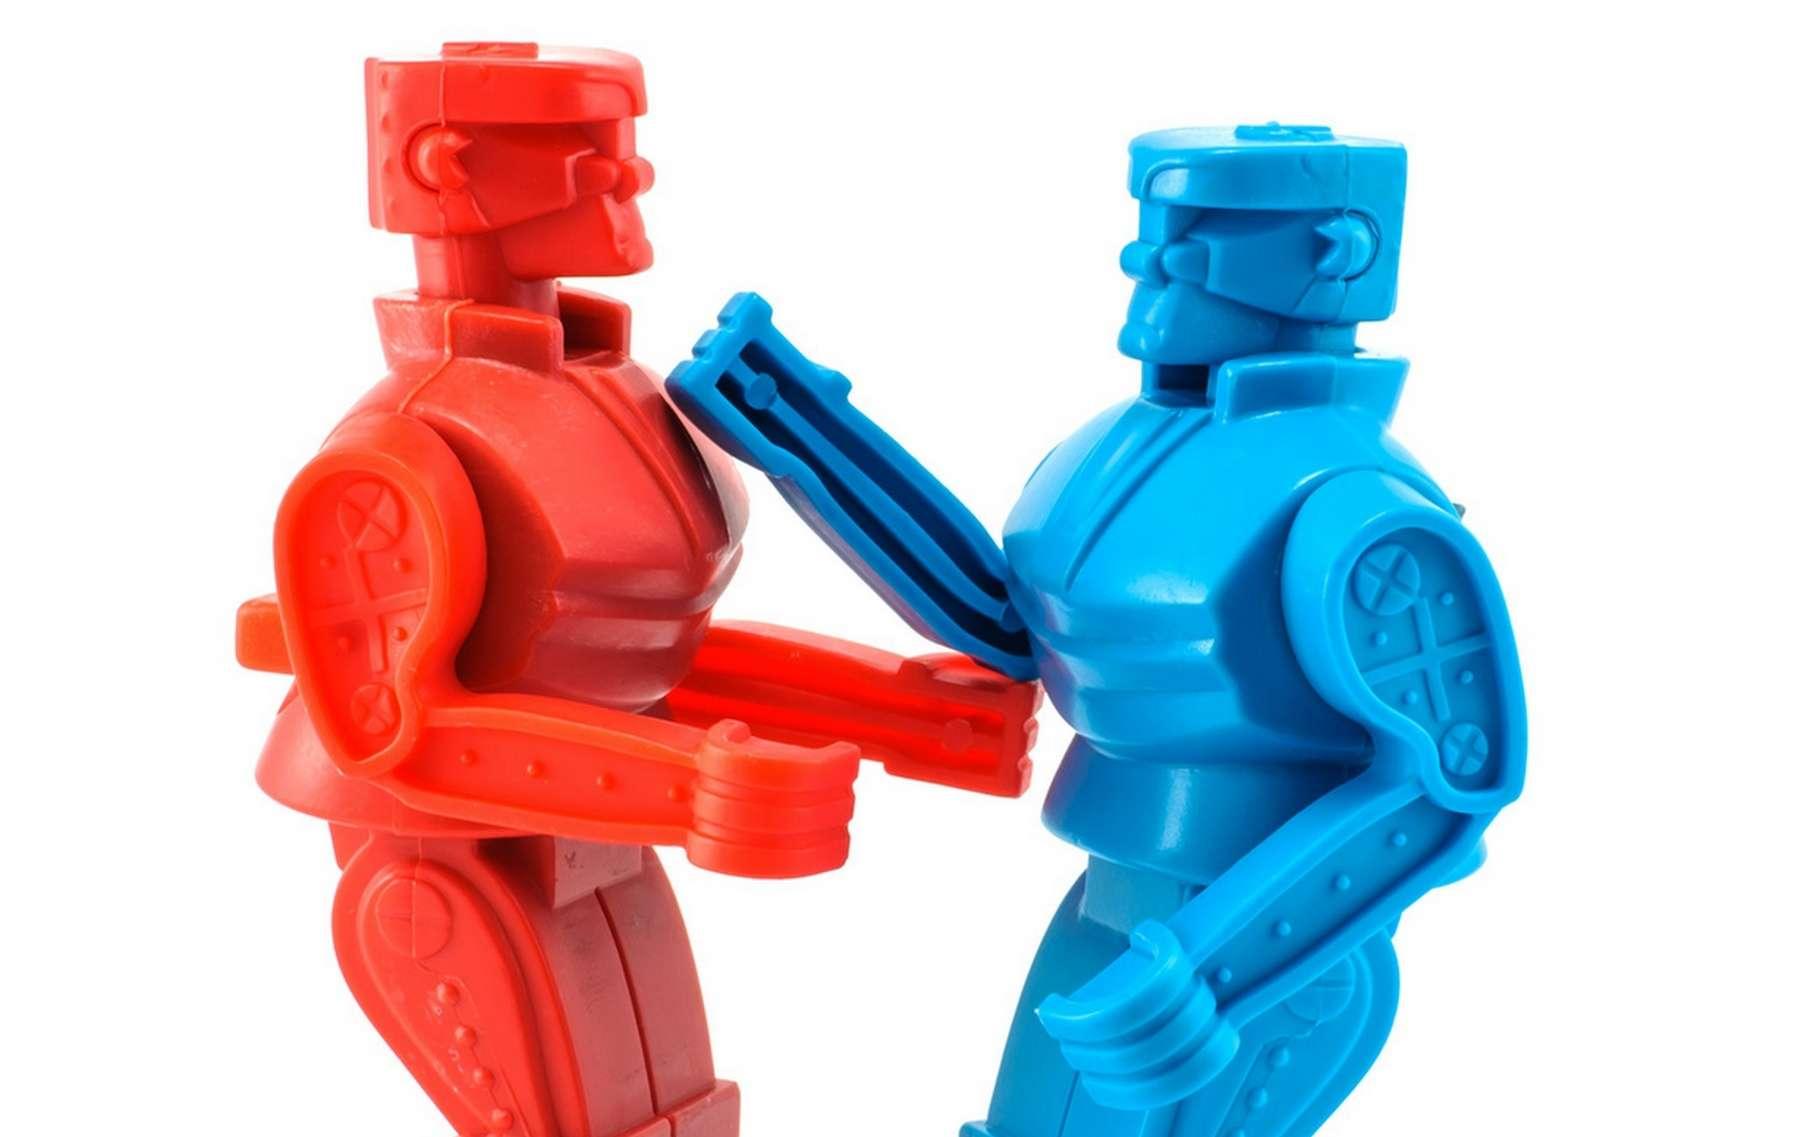 Des humanoïdes se sont affrontés, programmés par des humains mais sans leur aide au moment du combat... © Nicescene, Fotolia